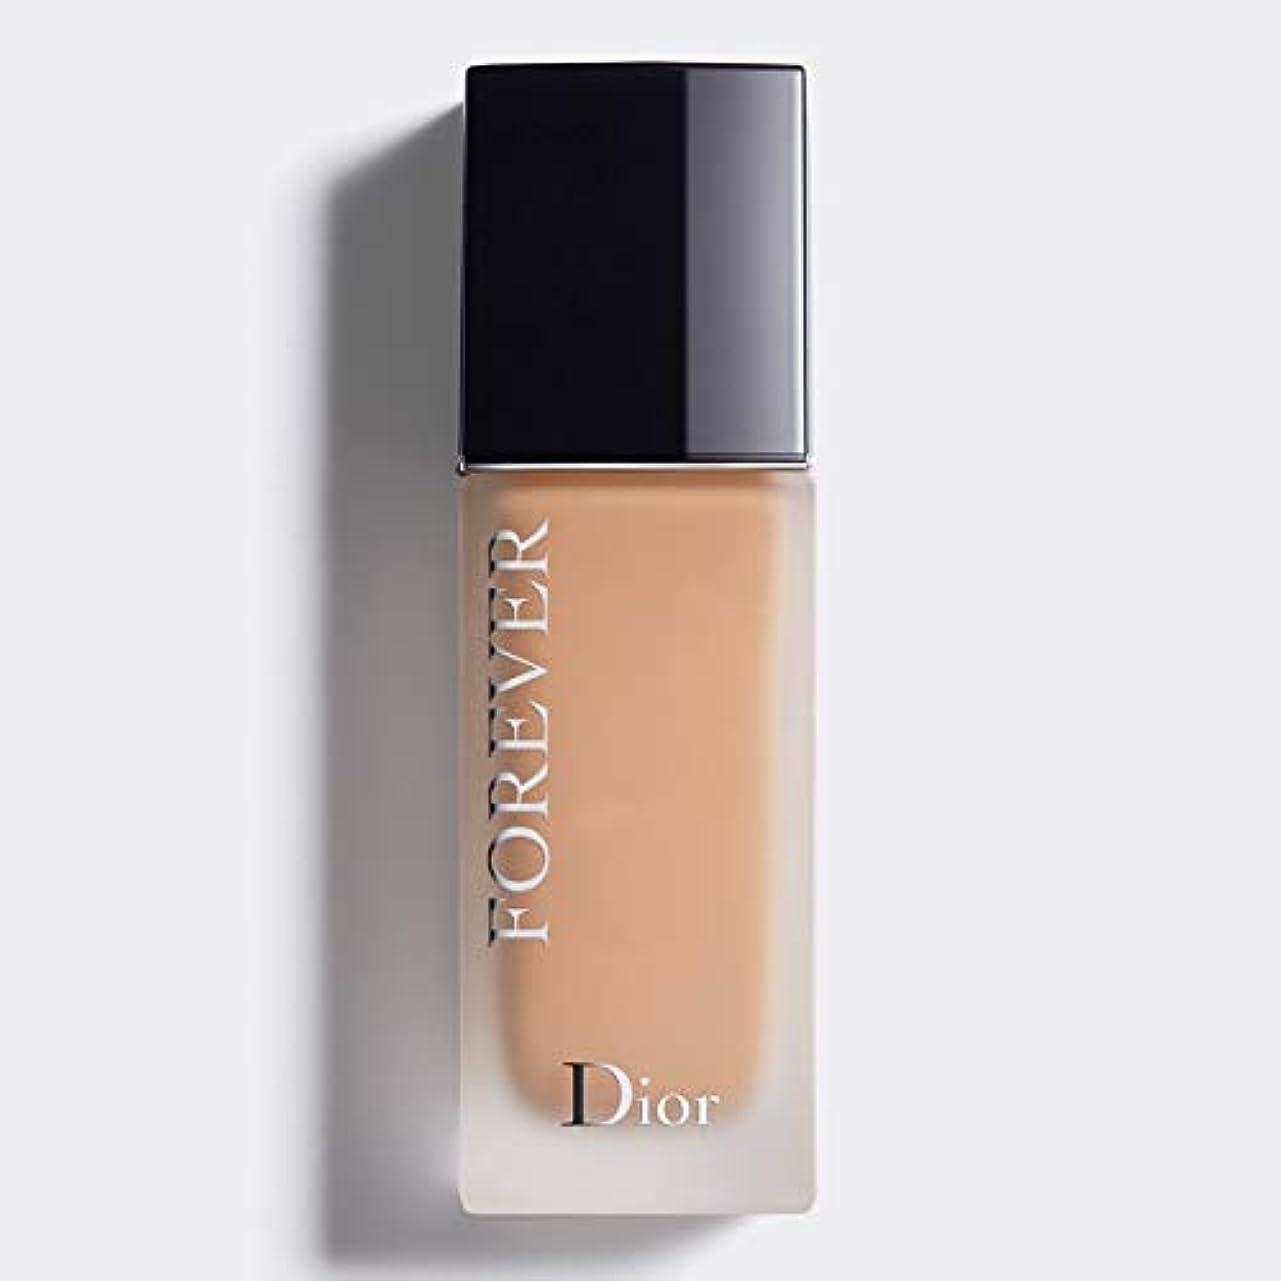 公演シエスタ仕えるクリスチャンディオール Dior Forever 24H Wear High Perfection Foundation SPF 35 - # 3.5N (Neutral) 30ml/1oz並行輸入品